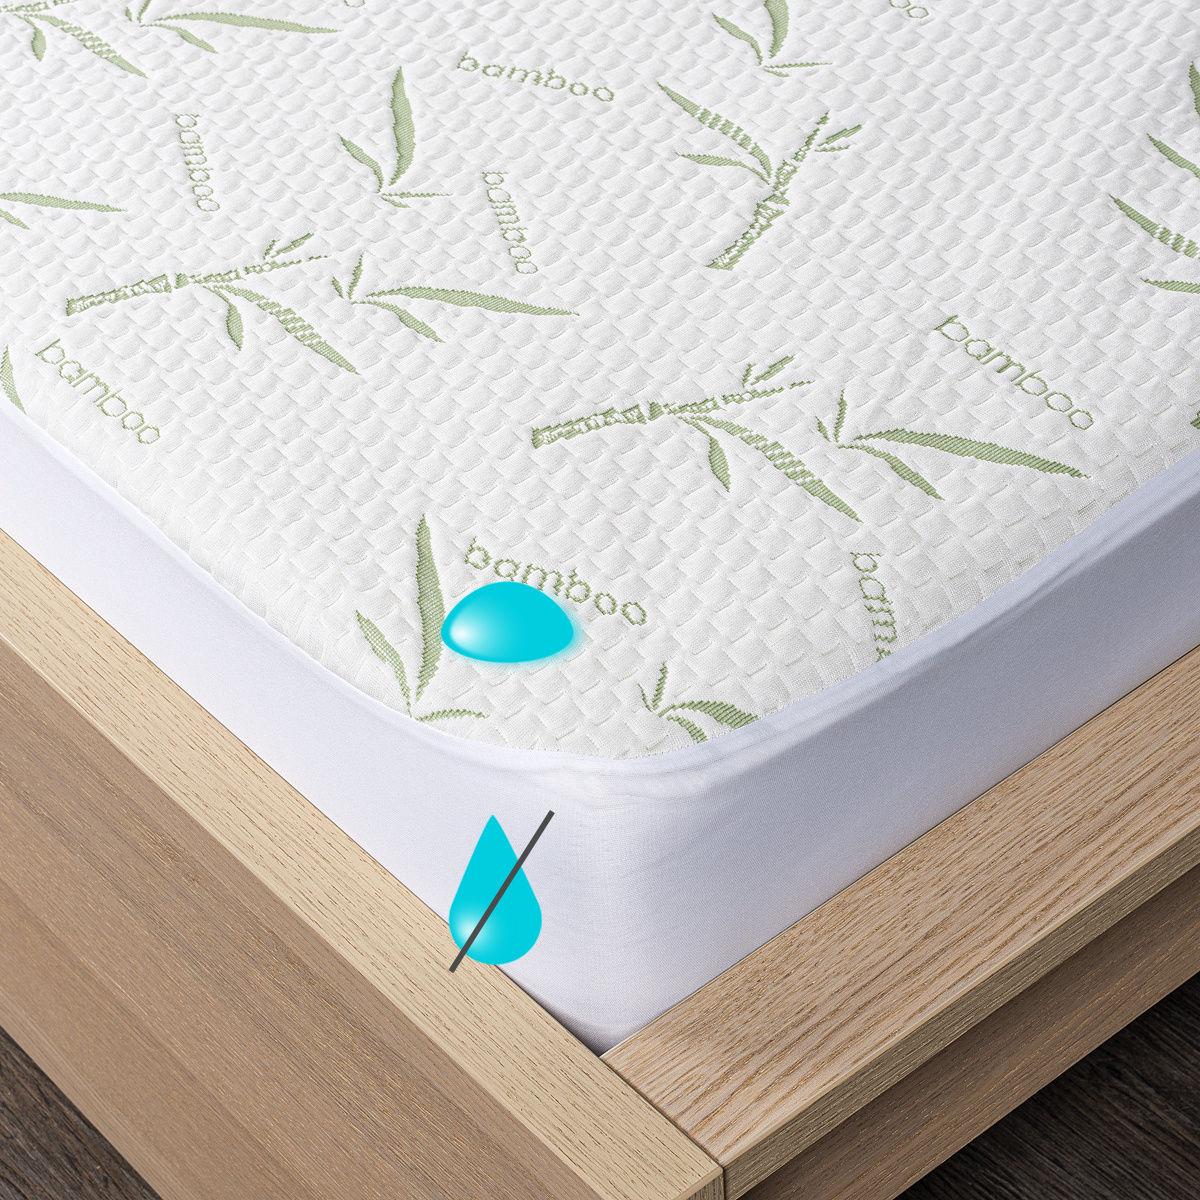 4Home Bamboo wodoodporny ochraniacz na materac z lamówką, 200 x 200 cm + 30 cm, 200 x 200 cm